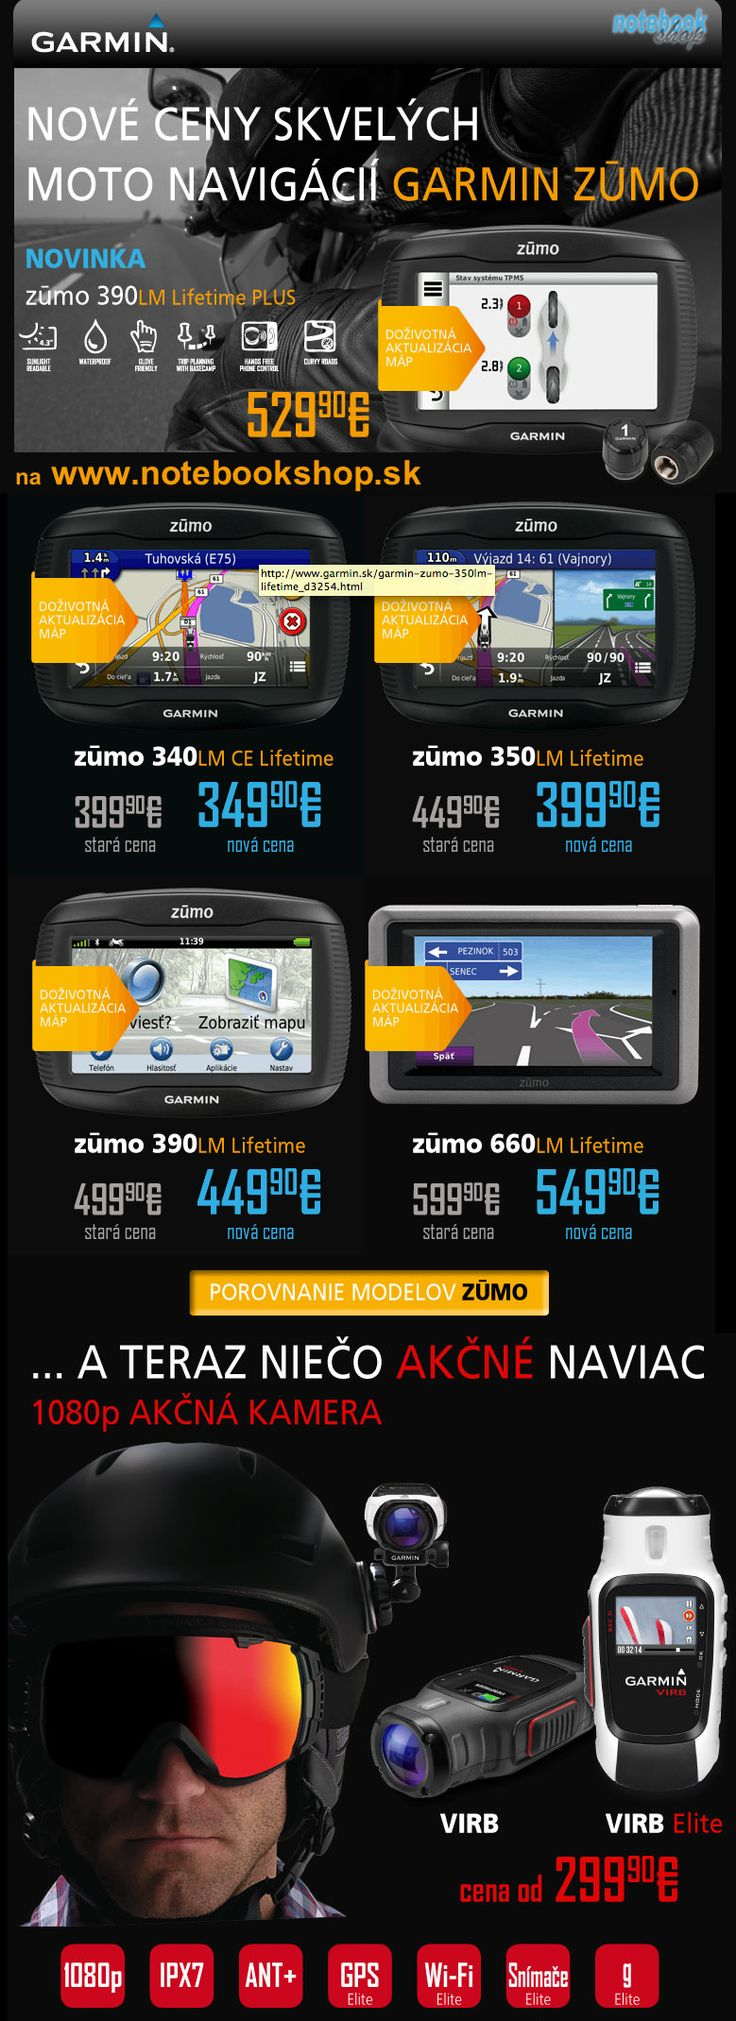 Akciové ceny na navigácie pre motorkárov Garmin Zumo (až 15% zľavy) + akčné kamery Garmin VIRB.